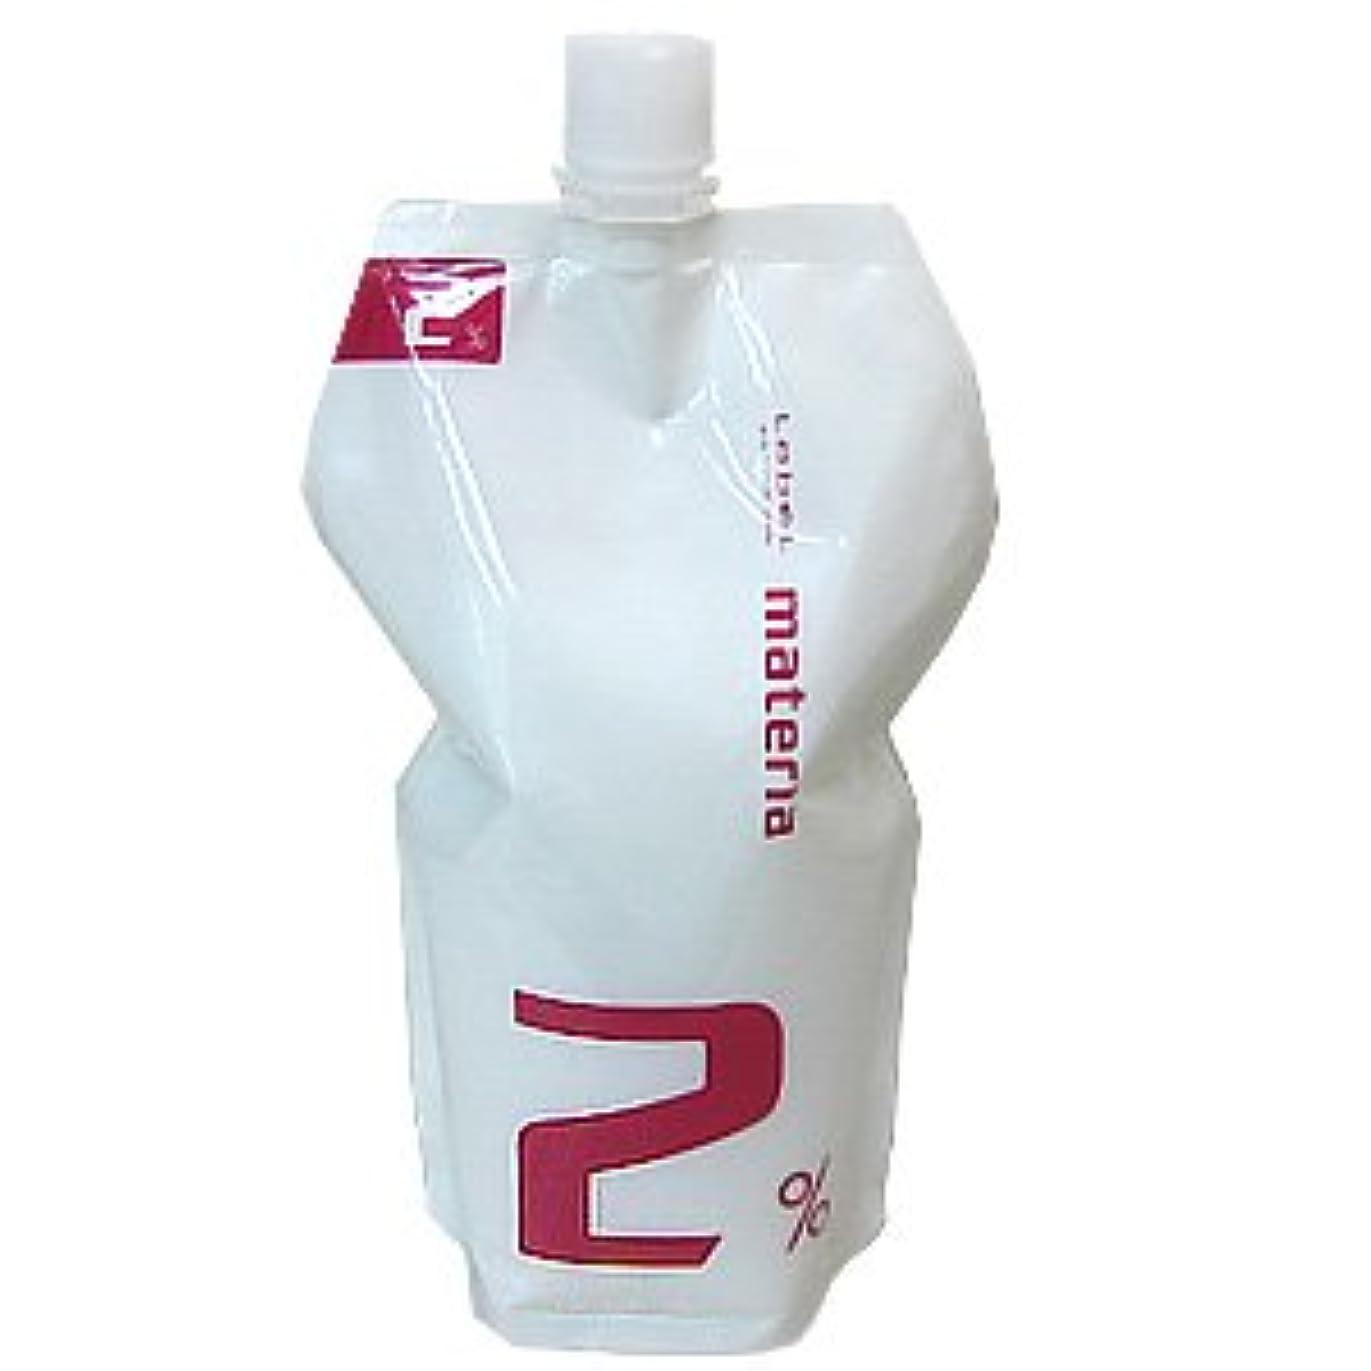 くまアトム支援するルベル マテリア オキシ 1000ml (マテリアシリーズ 共通ヘアカラー2剤) 2%